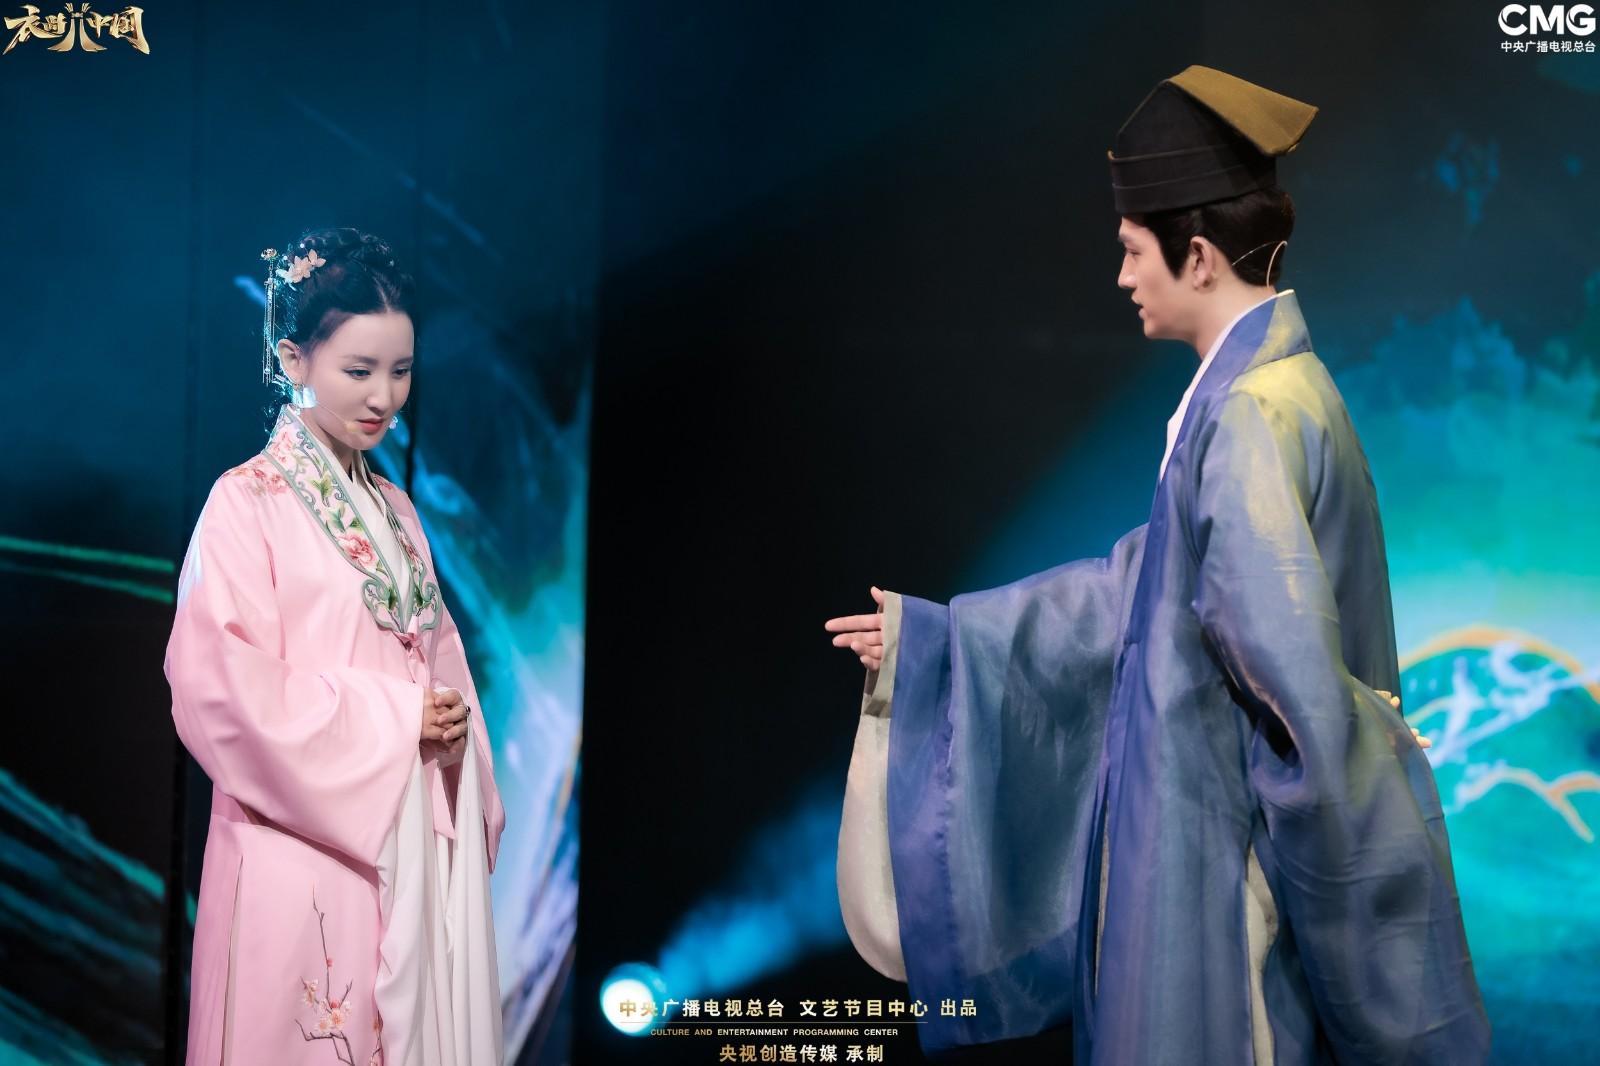 """《衣尚中国》之第六期演绎""""戏韵之美"""" 戏服,会讲故事的全能艺术家"""